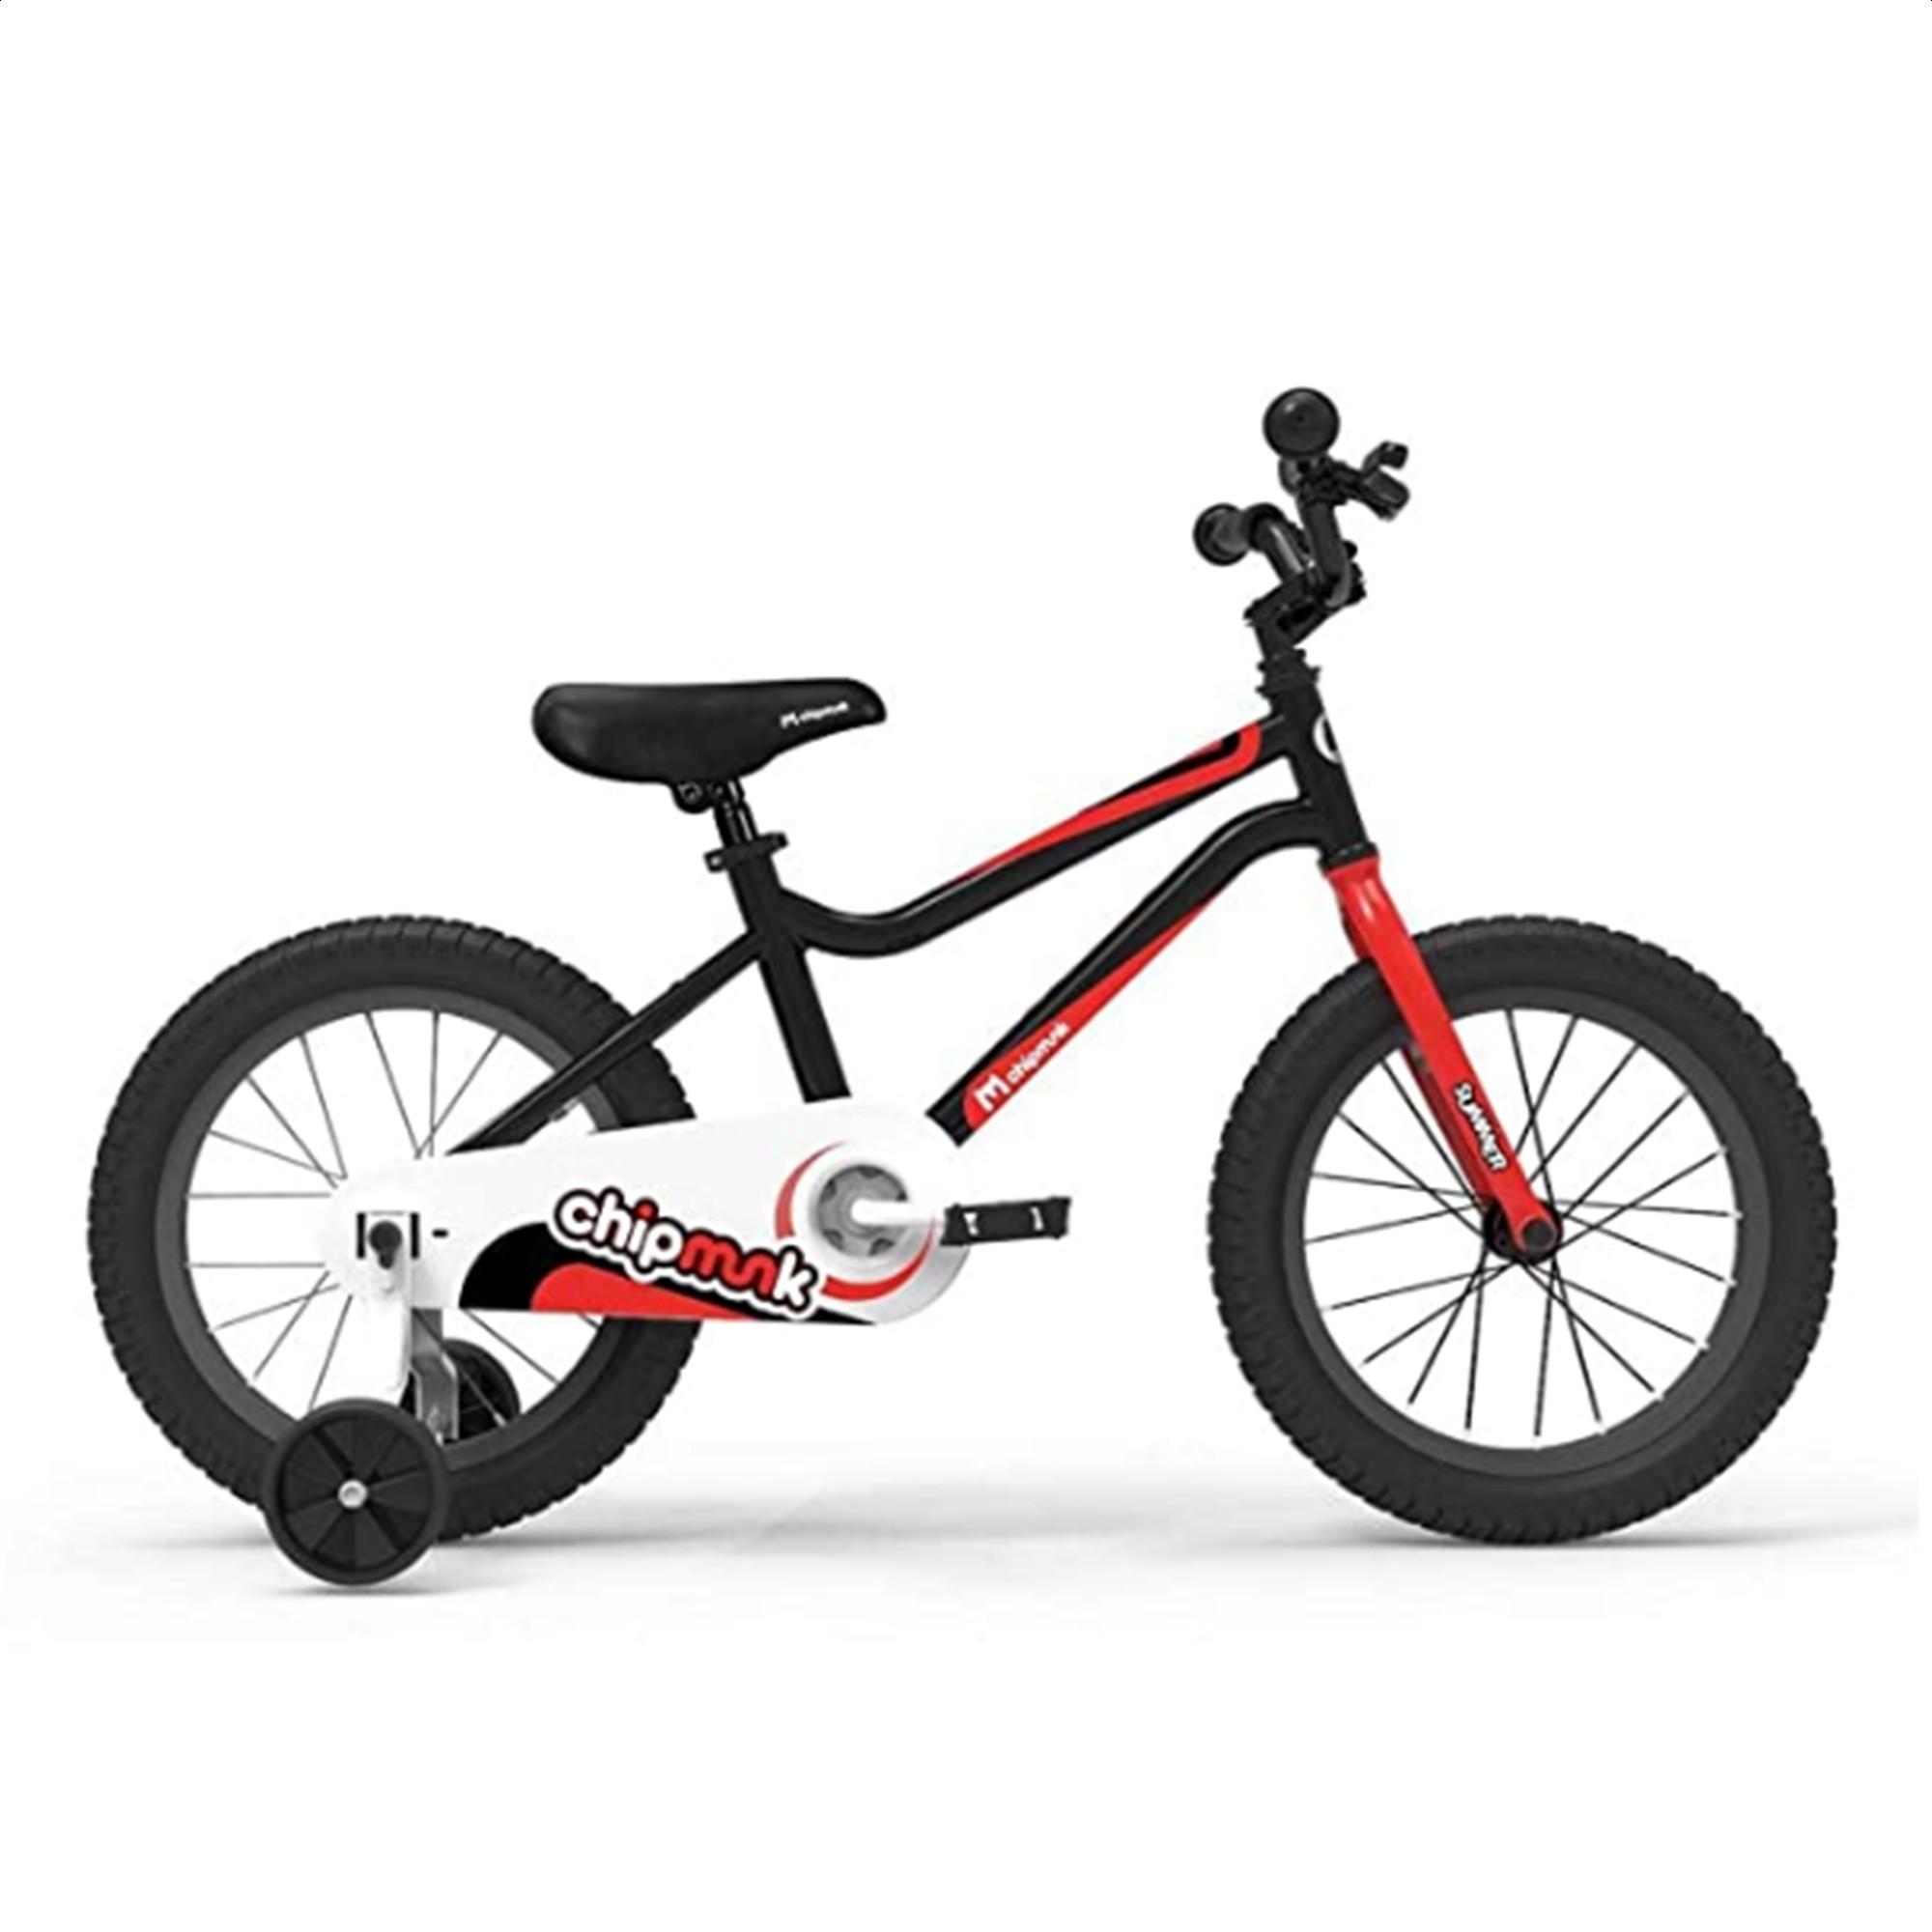 Bicicleta Infantil Royal Baby Chipmunk MK Rodado 16